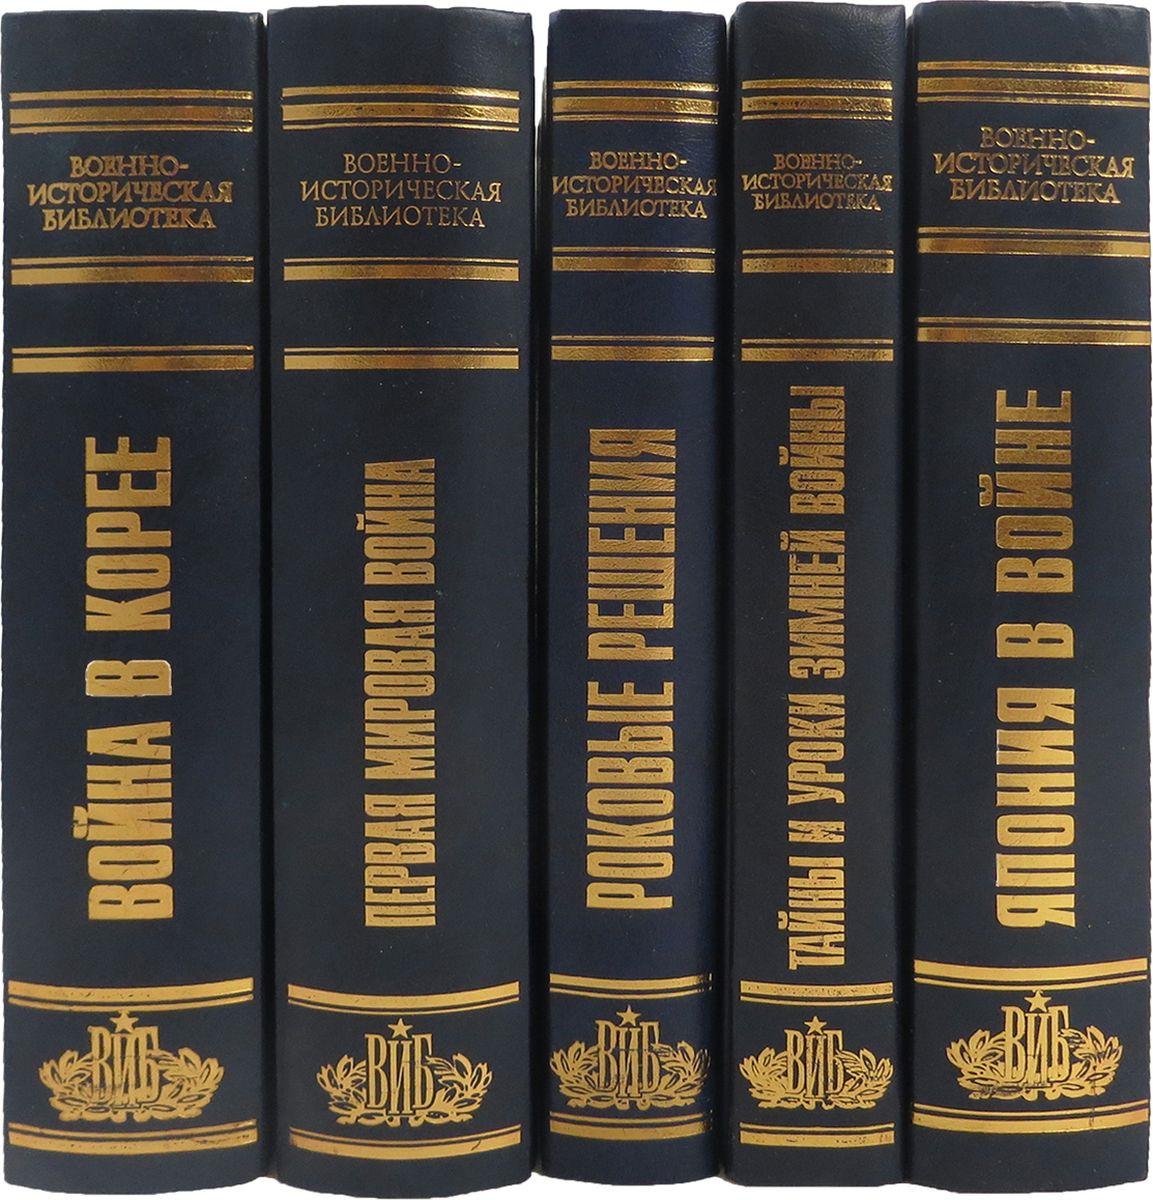 Зайончковский А., Хаттори Такусиро Серия Военно-историческая библиотека (комплект из 5 книг) александр мазин серия историческая фантастика комплект из 6 книг